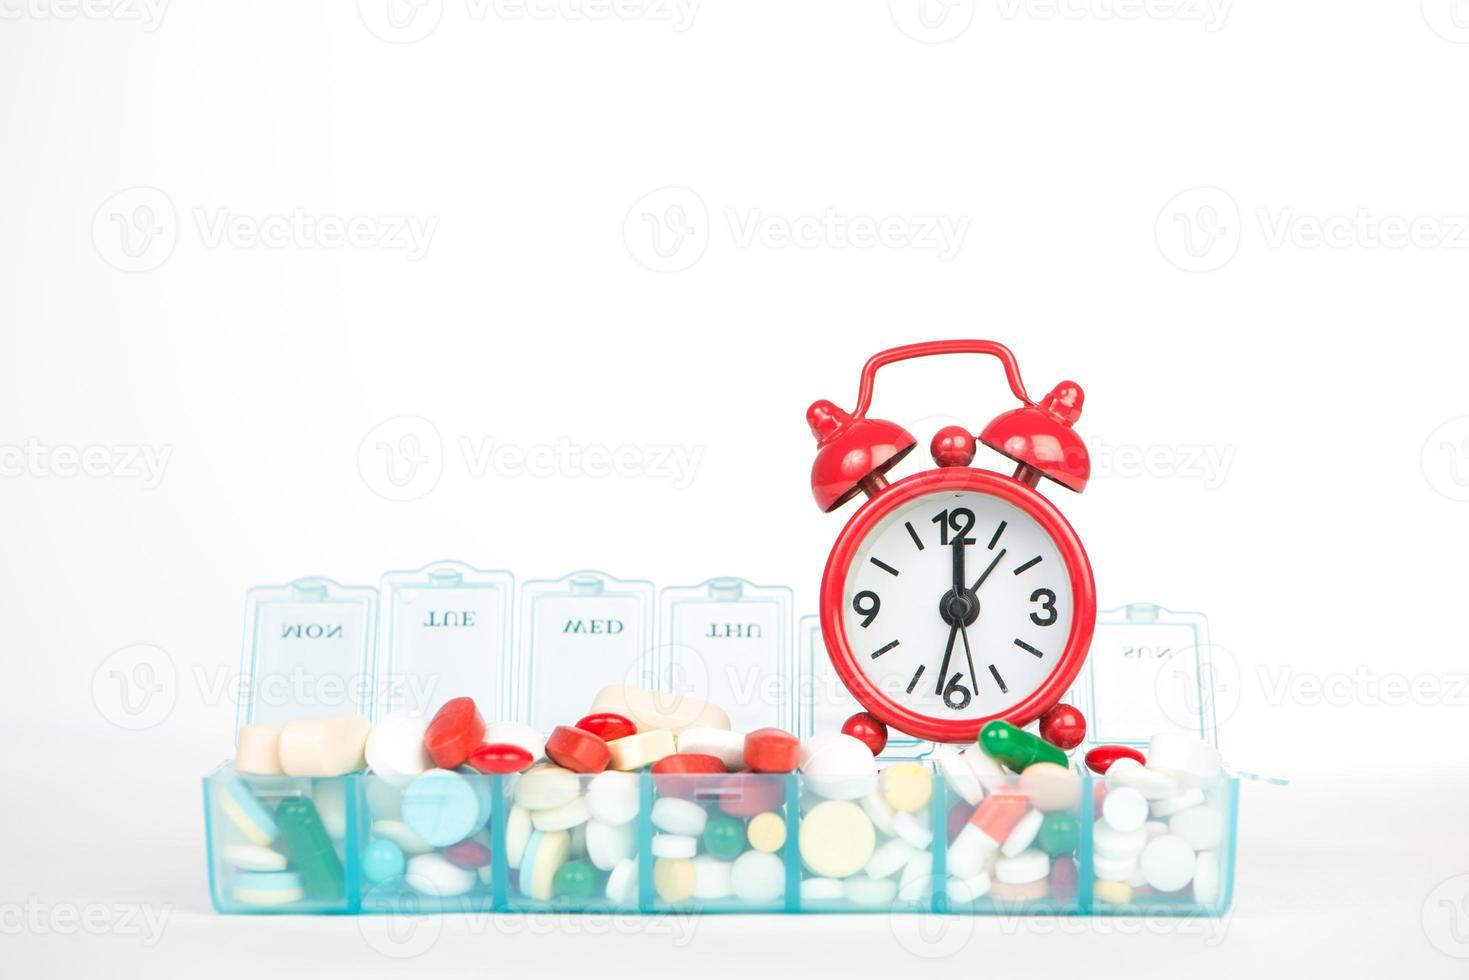 Réveil rouge et médecine dans une boîte à pilules hebdomadaire photo